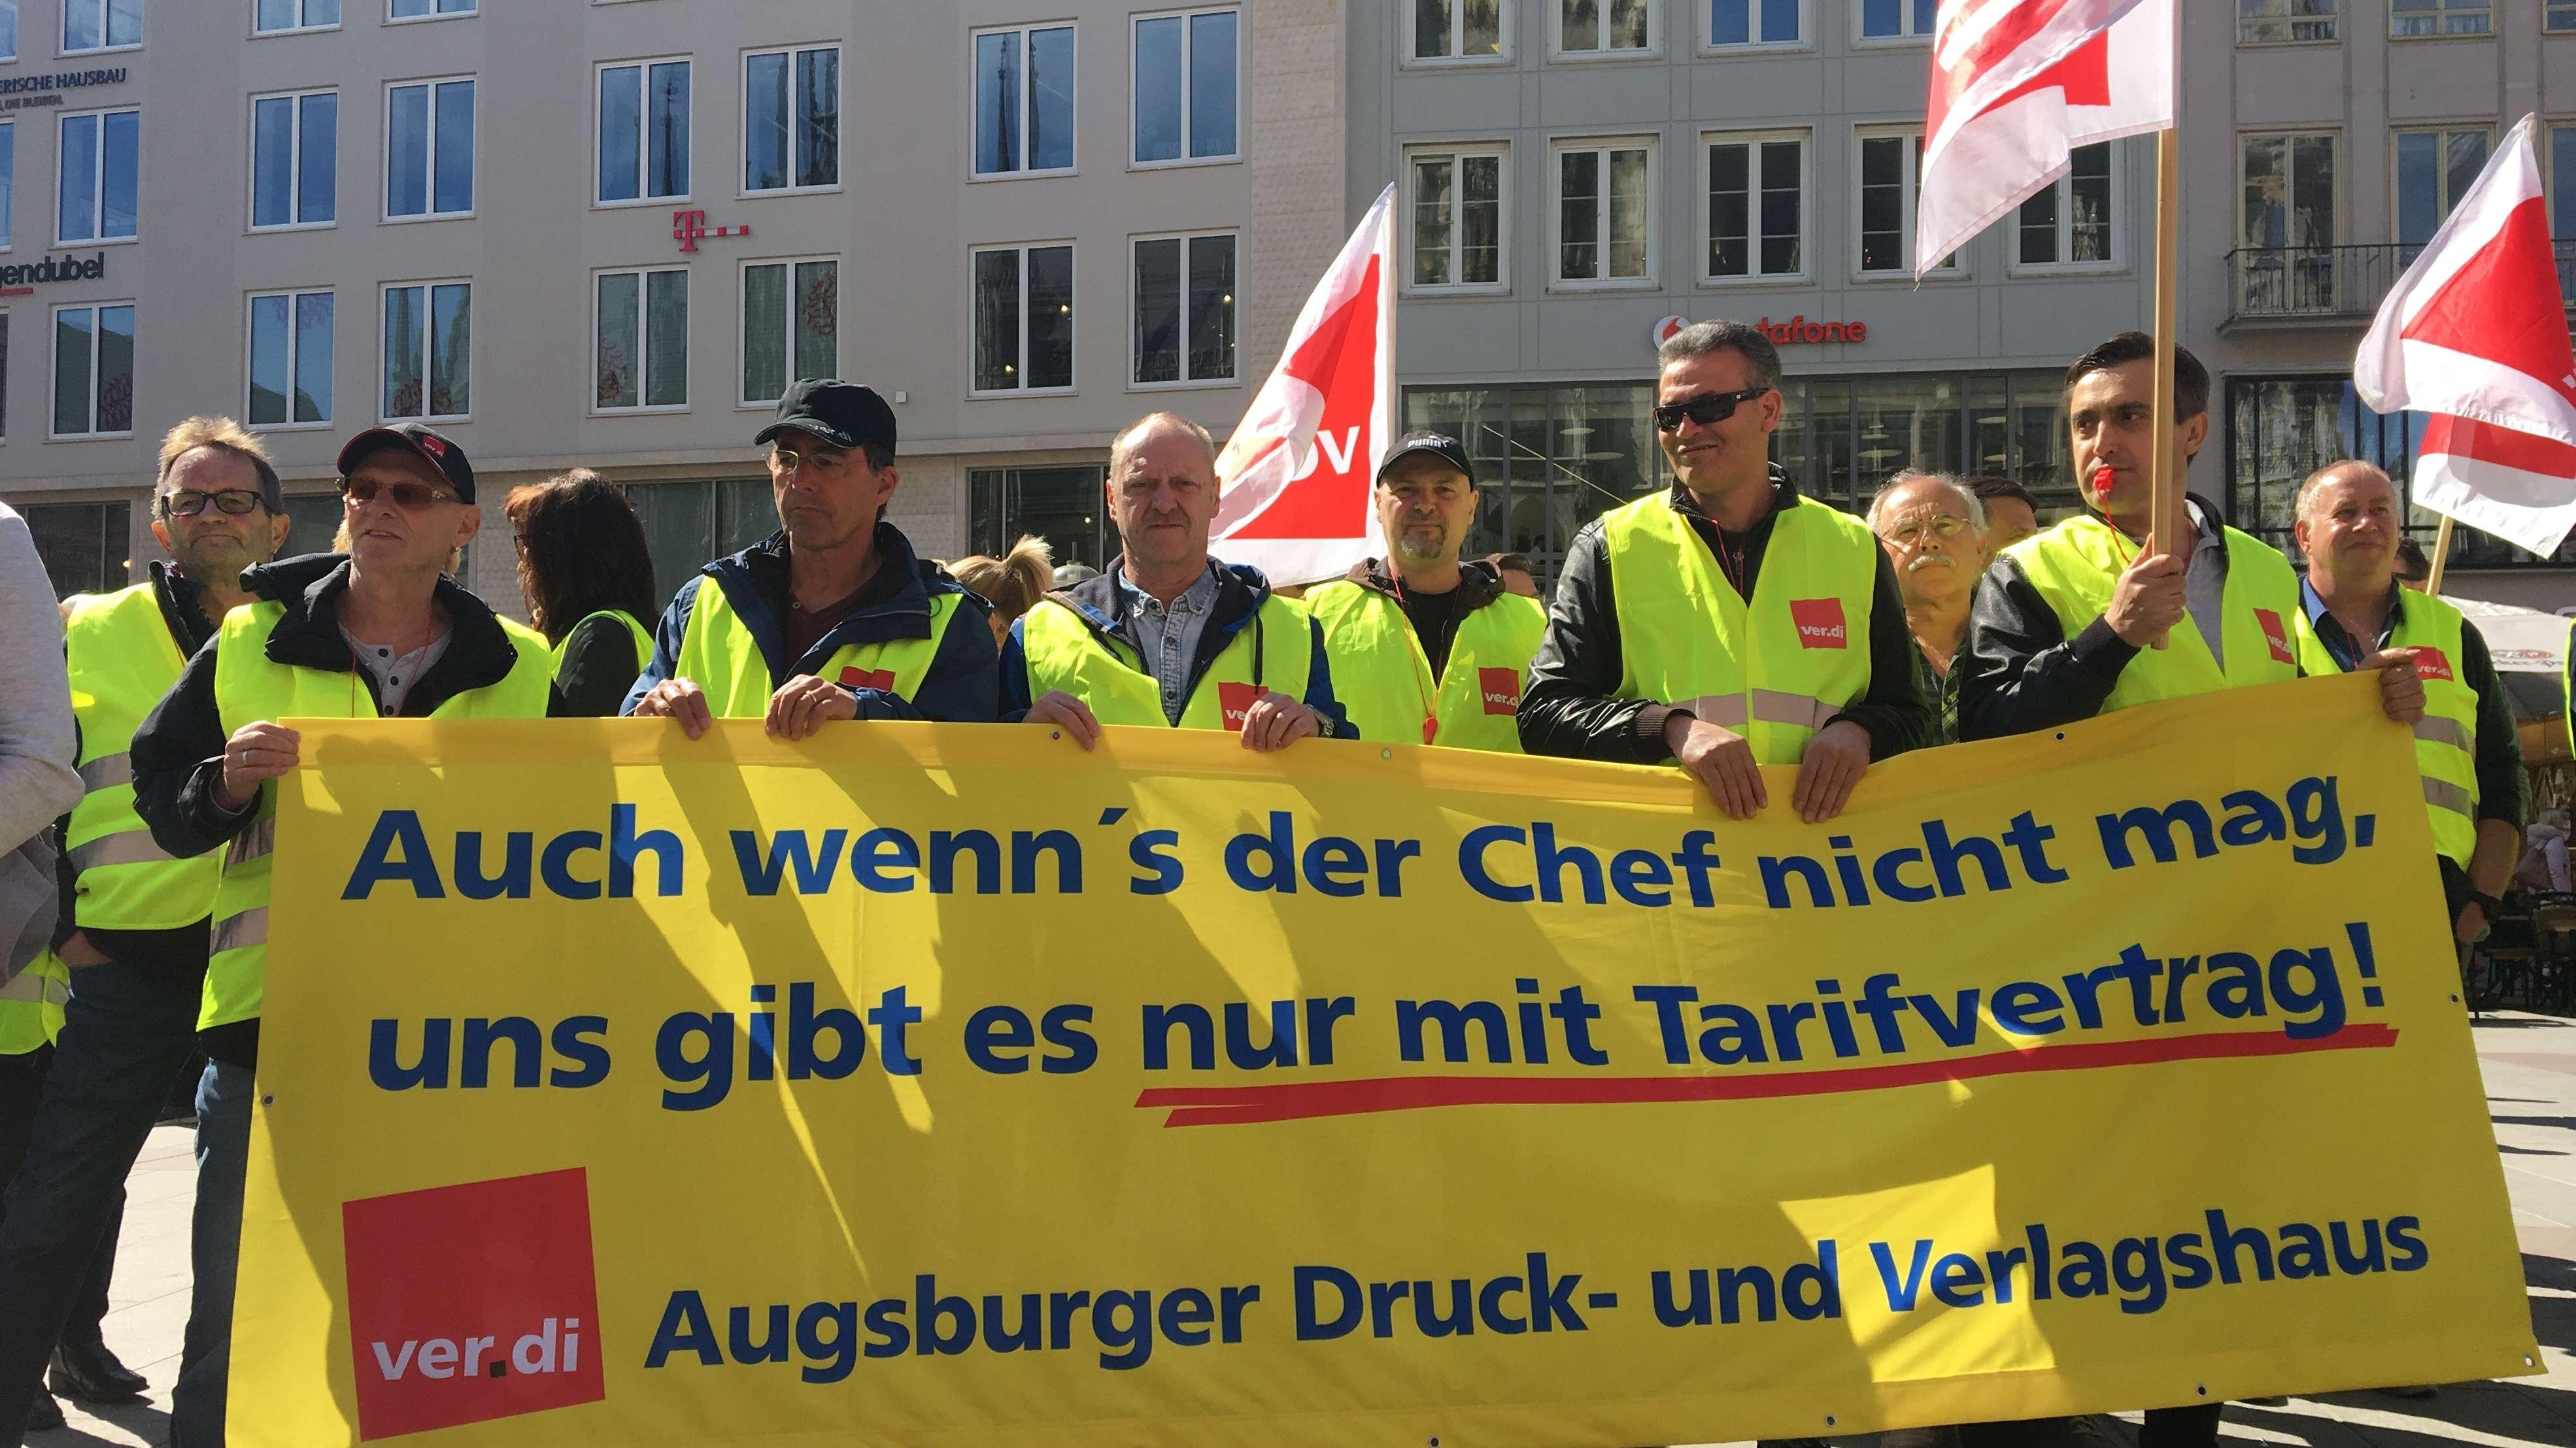 Streikversammlung der Drucker auf dem Münchner Marienplatz